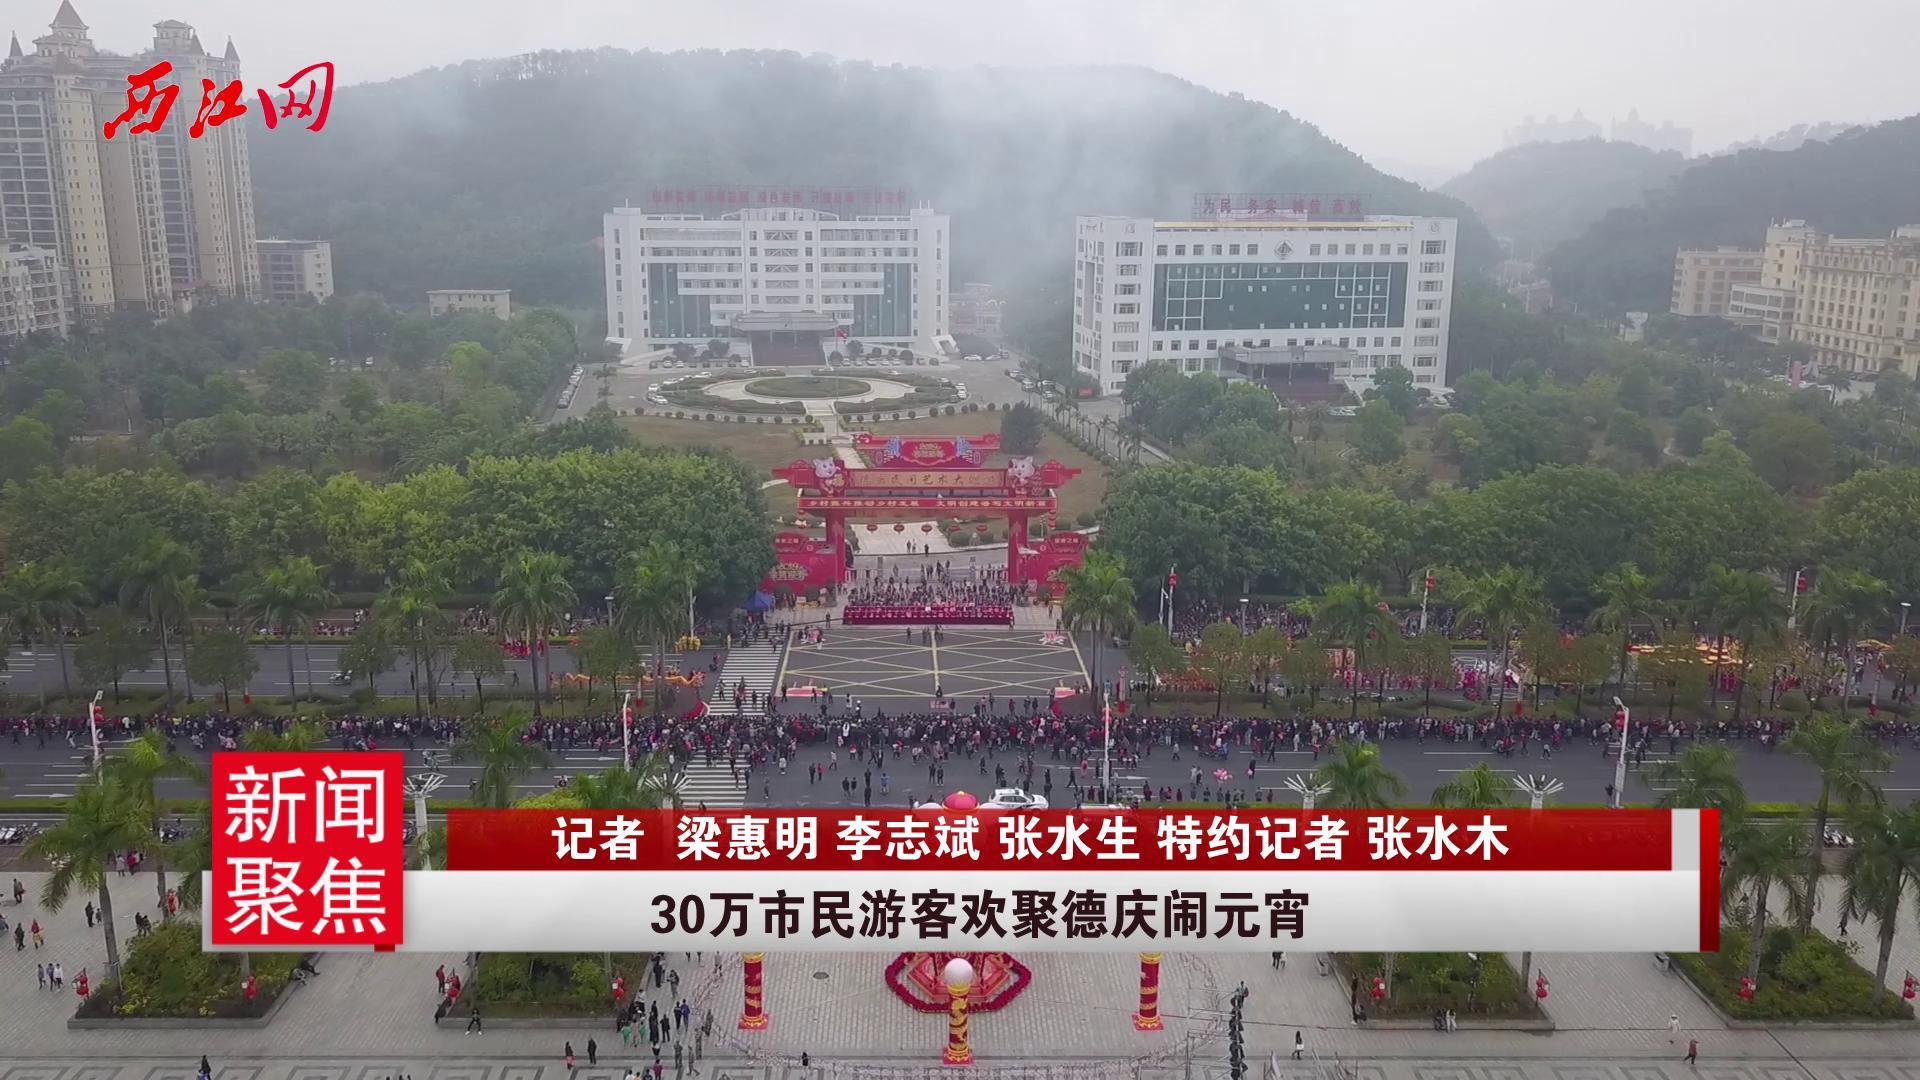 30万市民游客欢聚德庆闹元宵